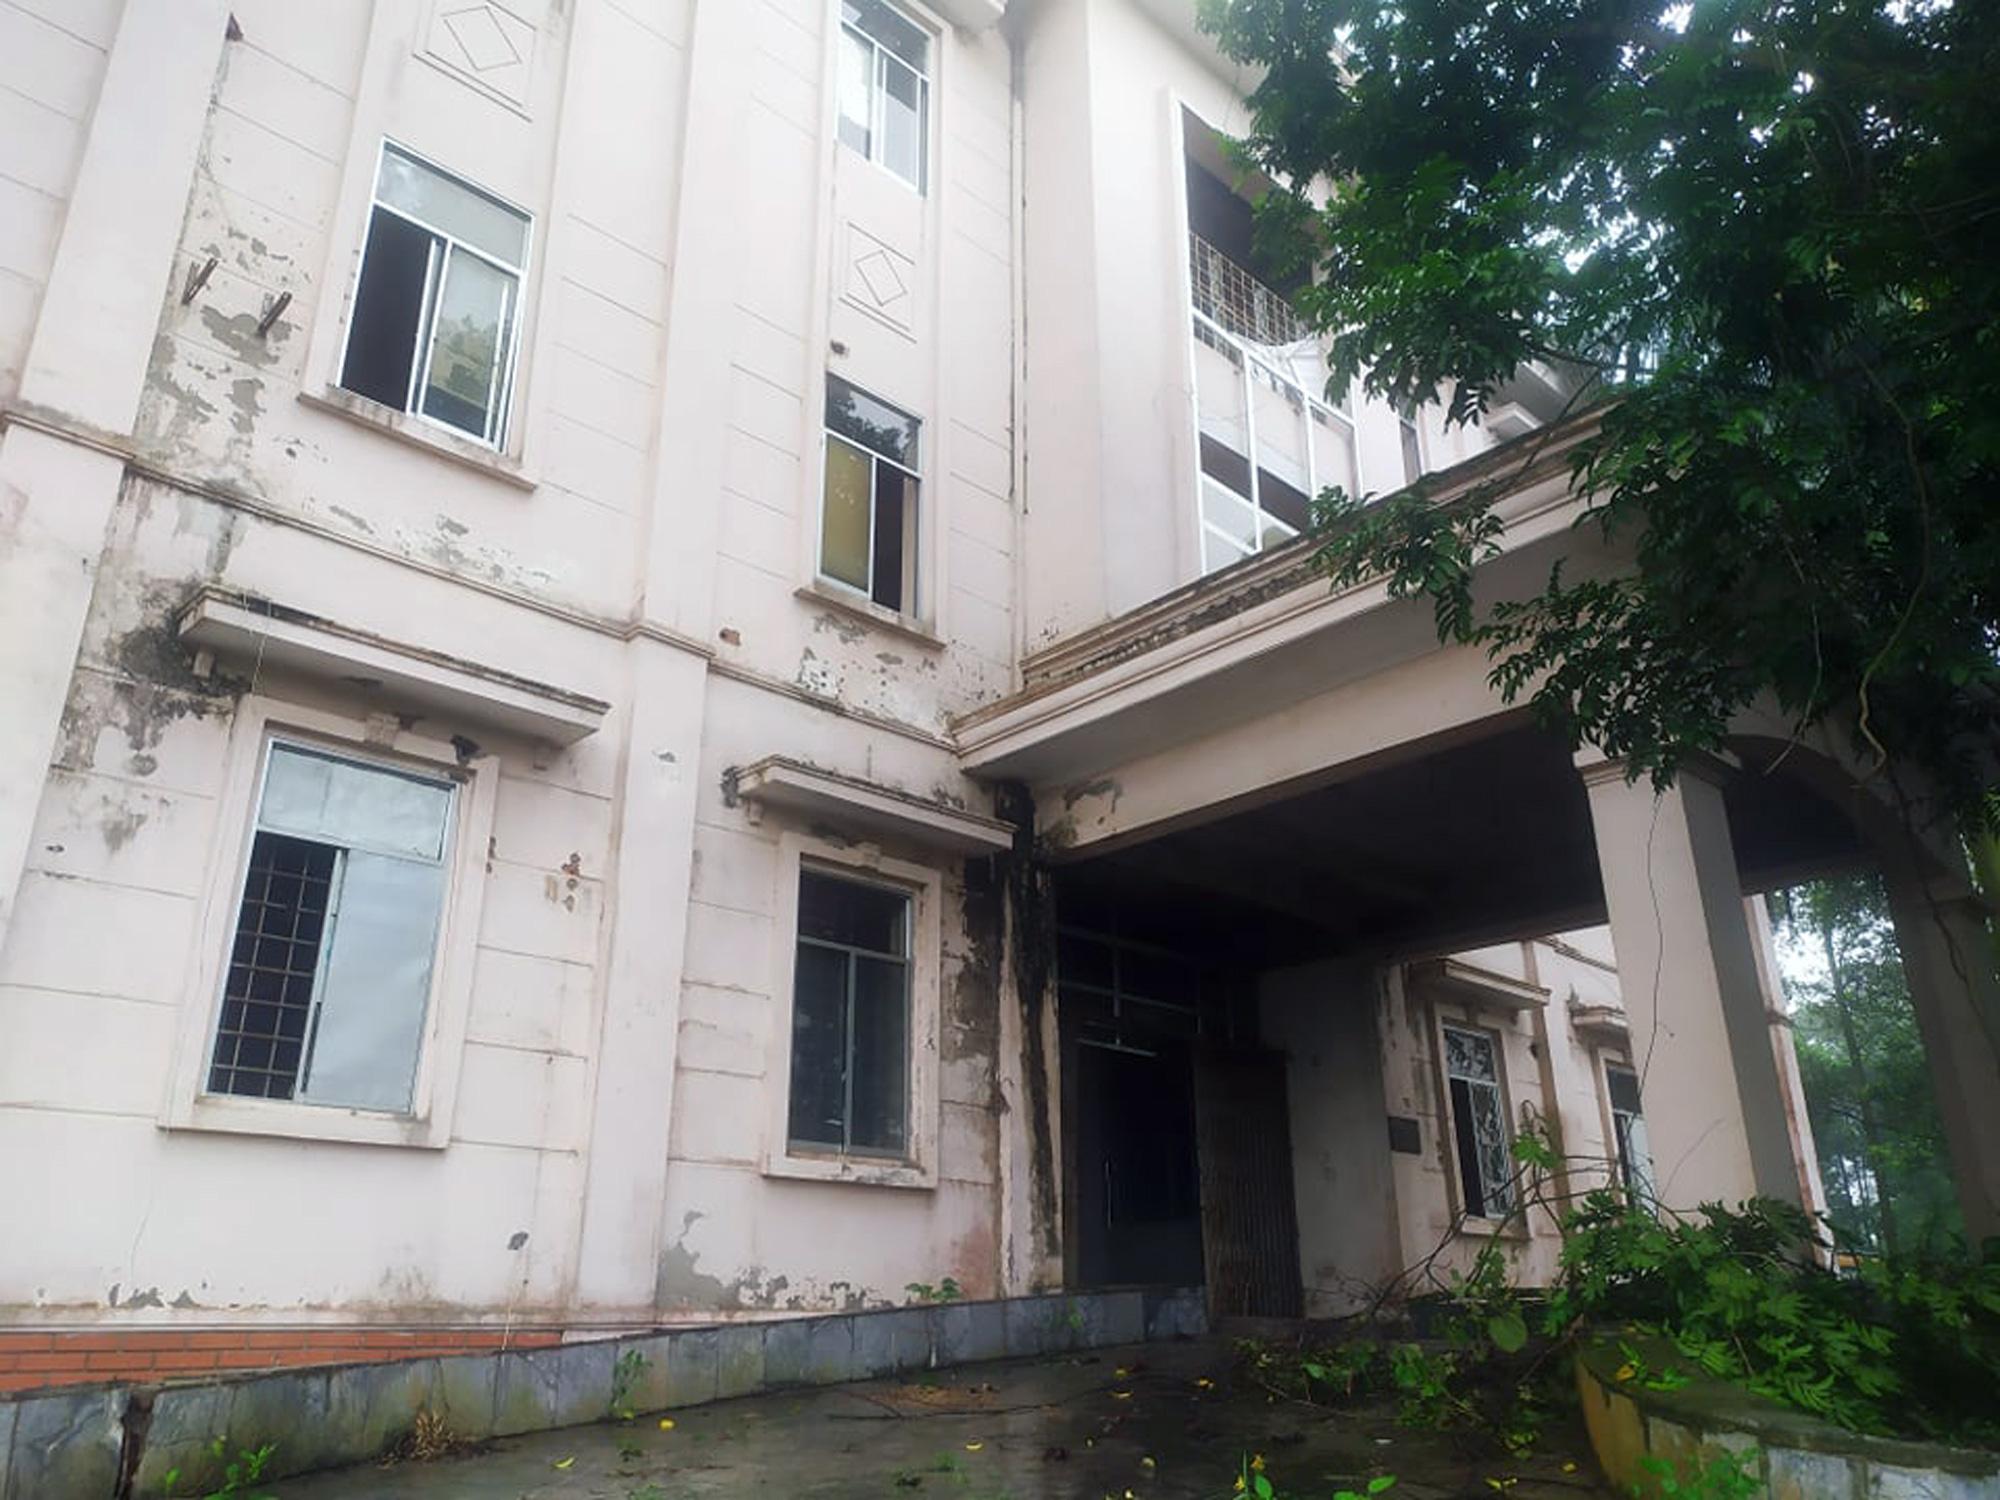 Sửa bệnh viên bỏ hoang ở Mê Linh để làm khu cách li chống dịch Covid-19 - Ảnh 7.